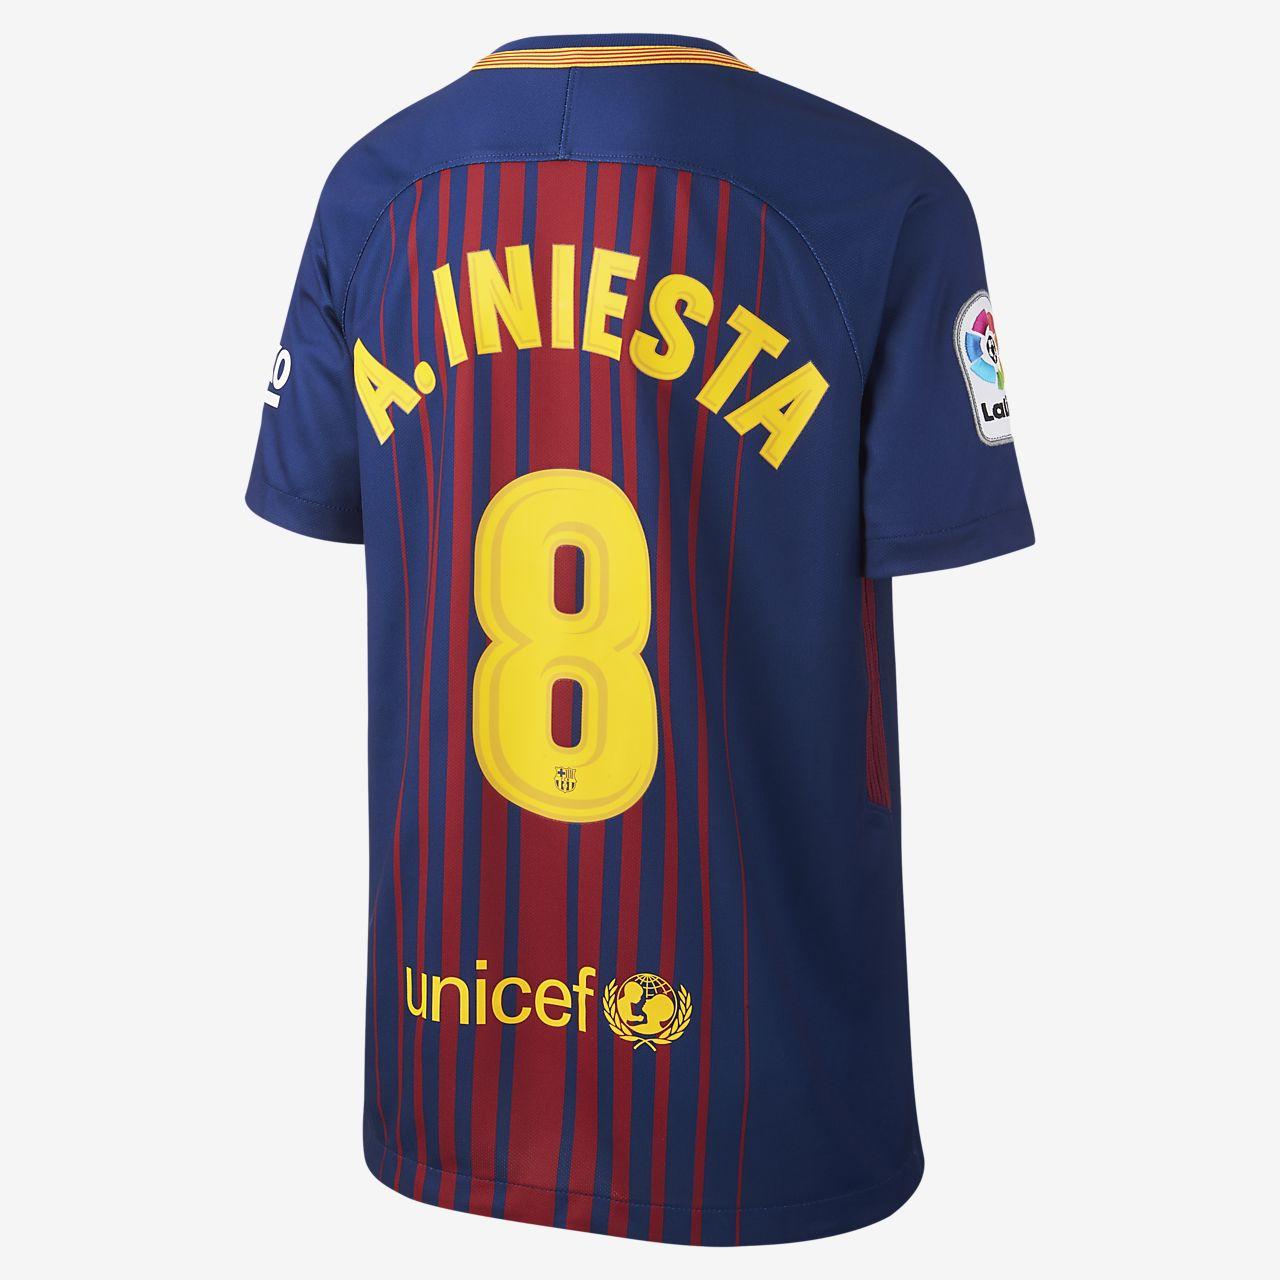 976010fc368b9 ... Camiseta de fútbol para niños talla grande de local del FC Barcelona  (Andres Iniesta)